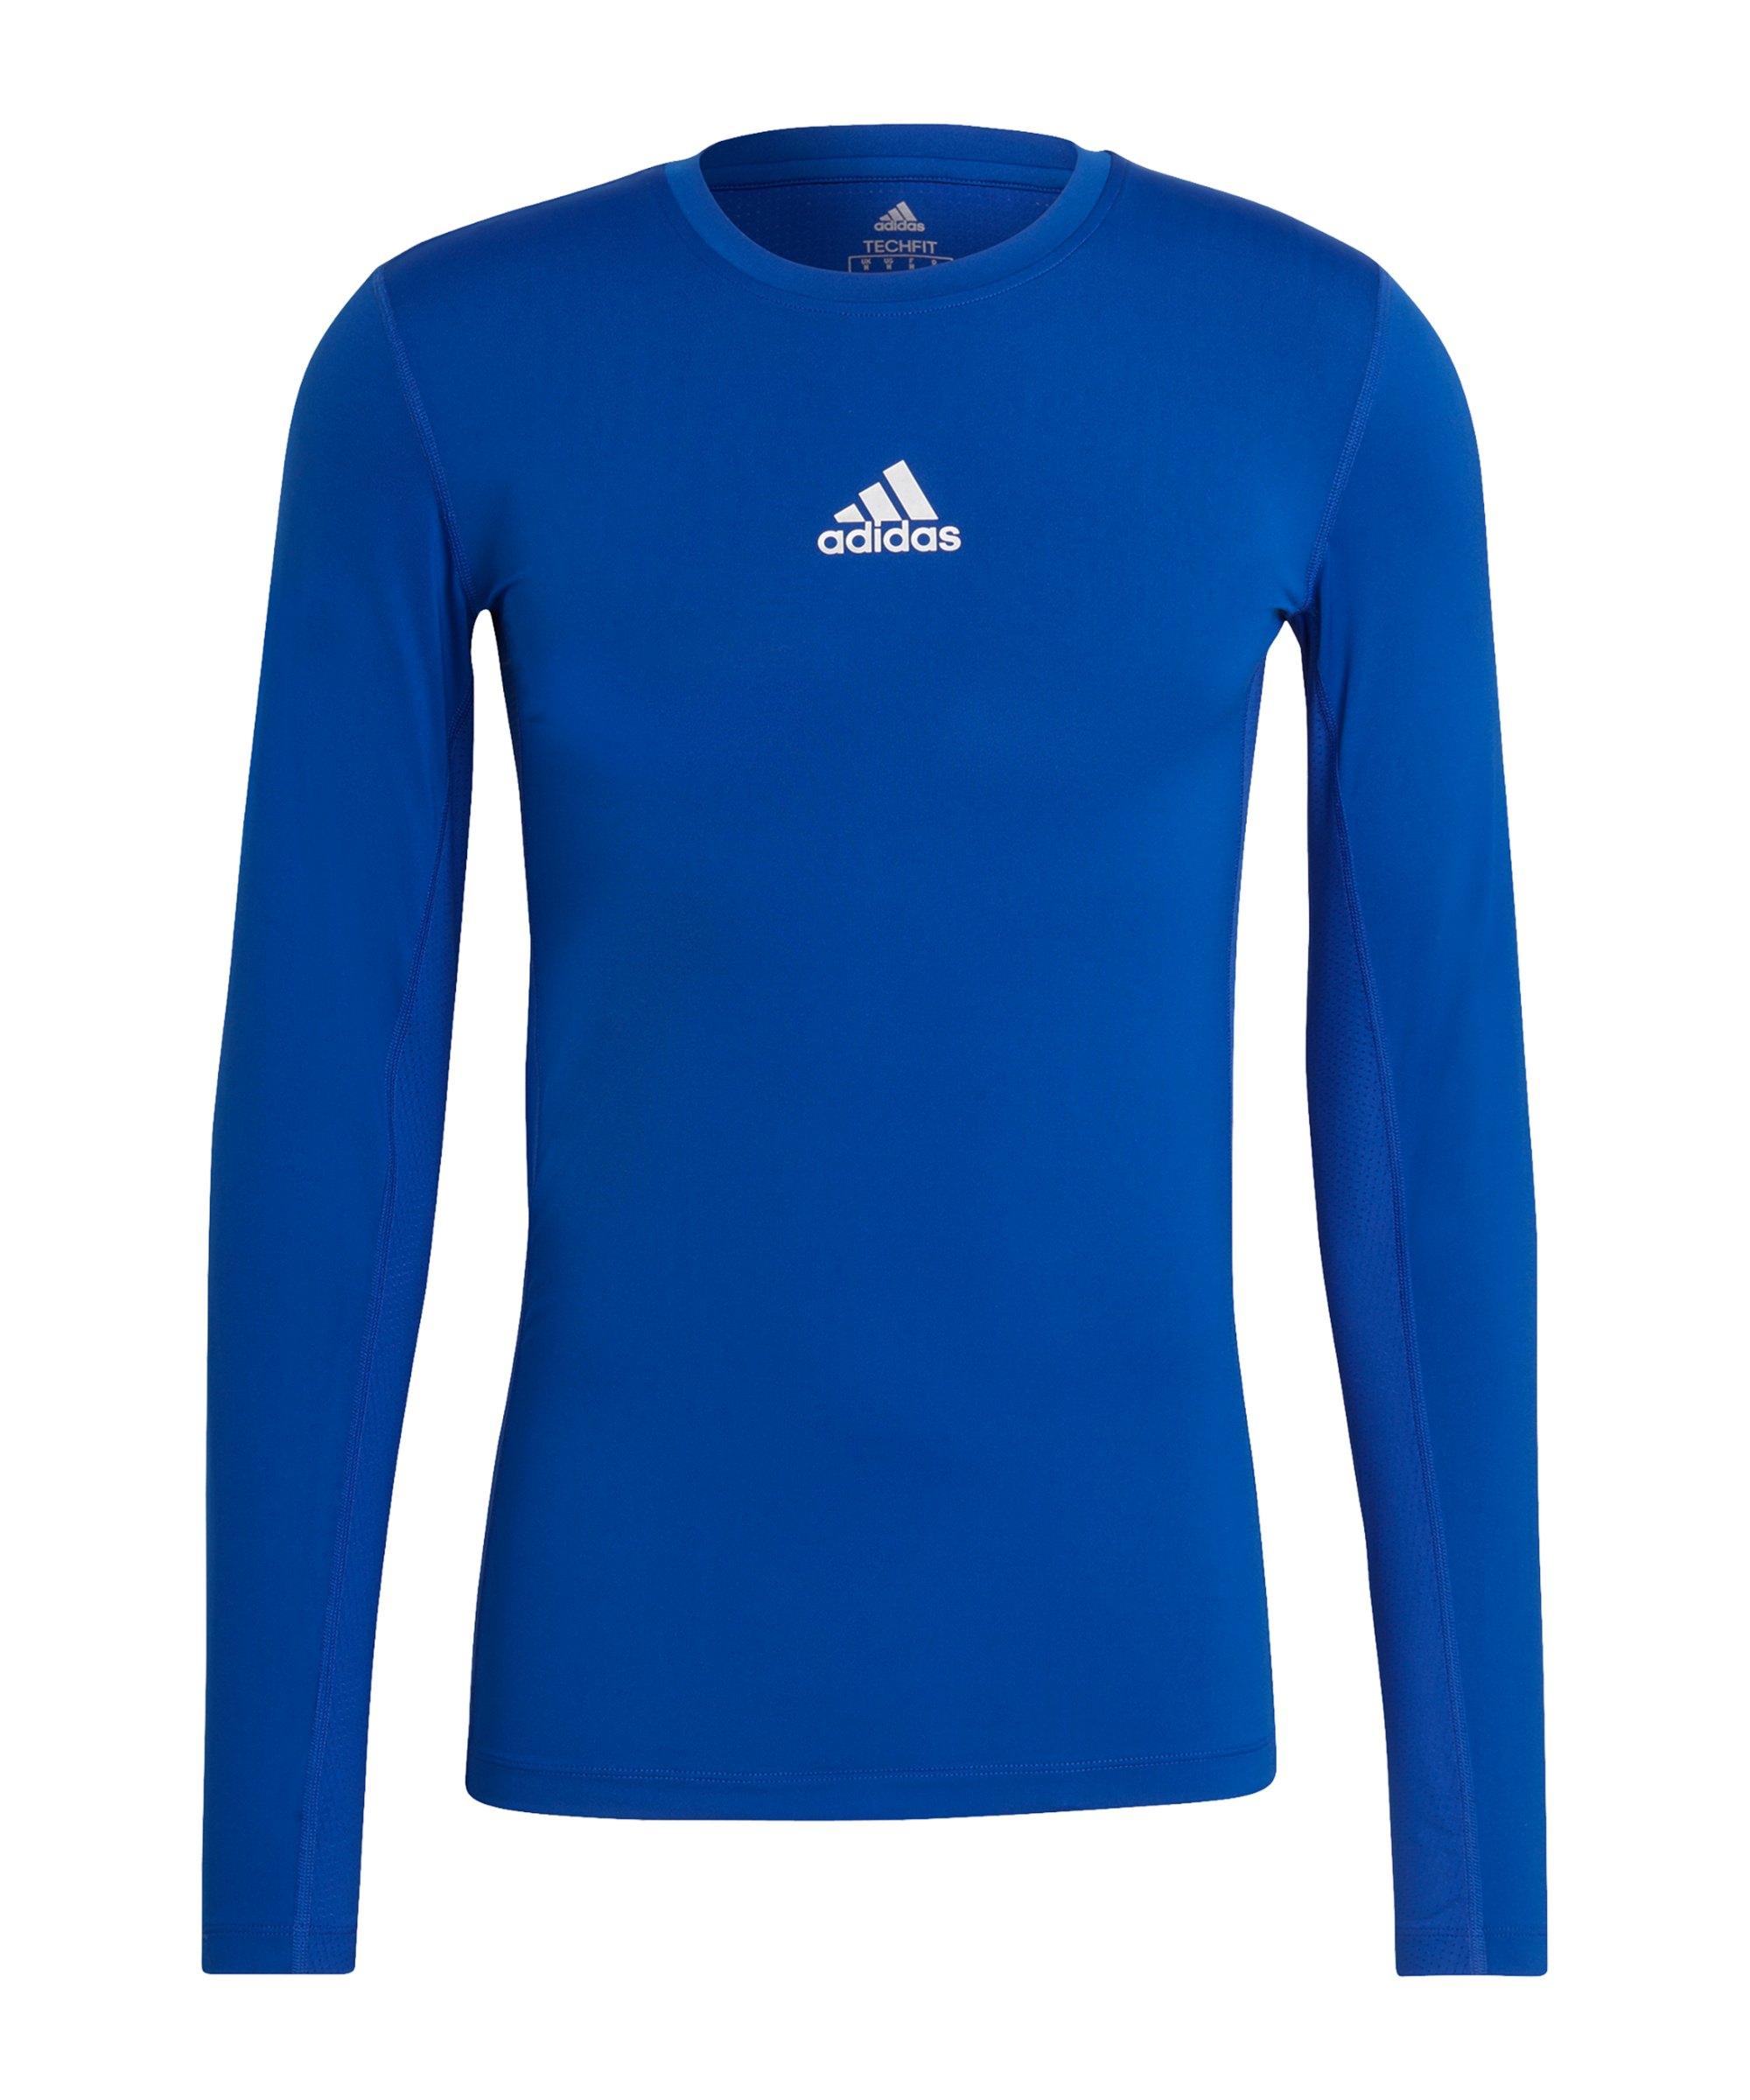 adidas Techfit Shirt langarm Blau - blau